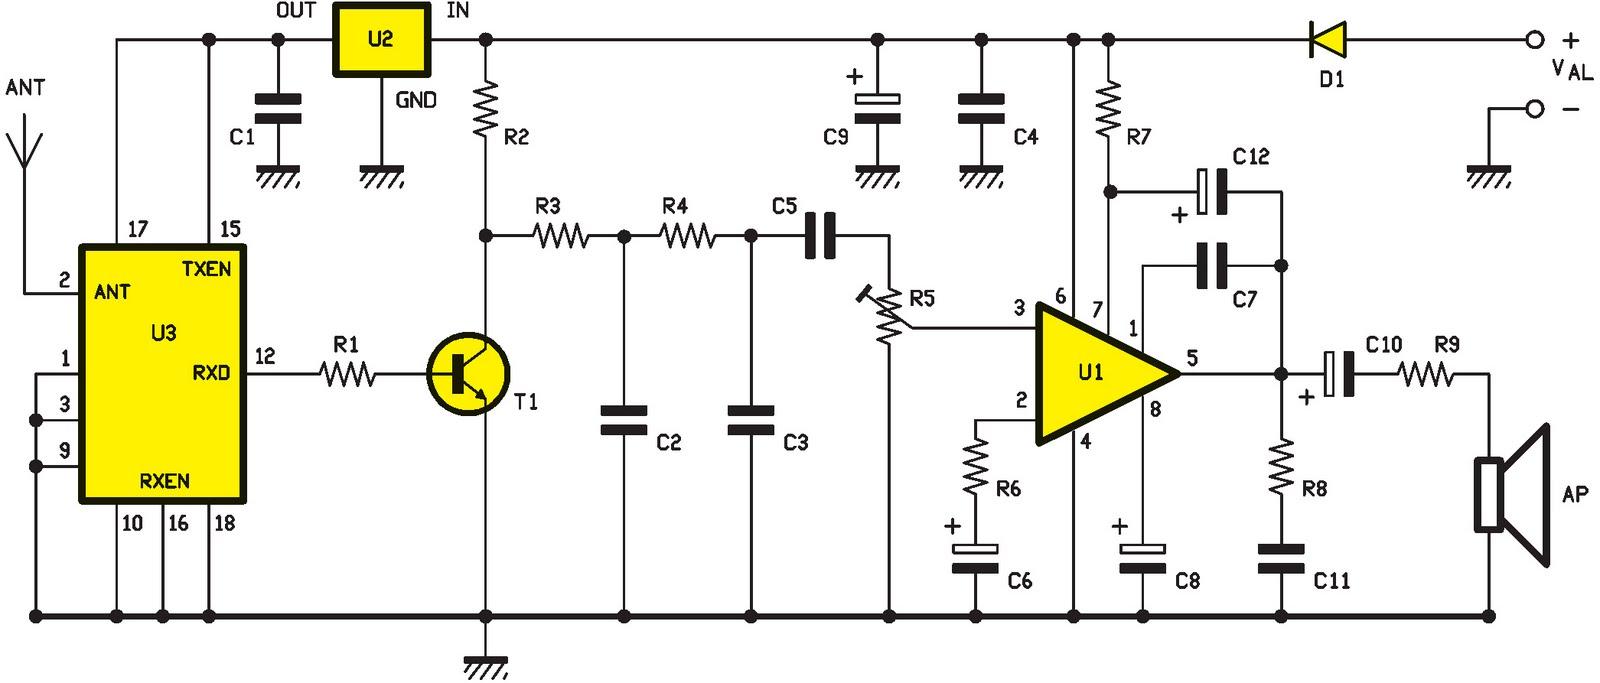 Xtr 434 donn es et audio 100 kbps ou comment r aliser un syst me de transmission audio avec - Schema d implantation electrique ...